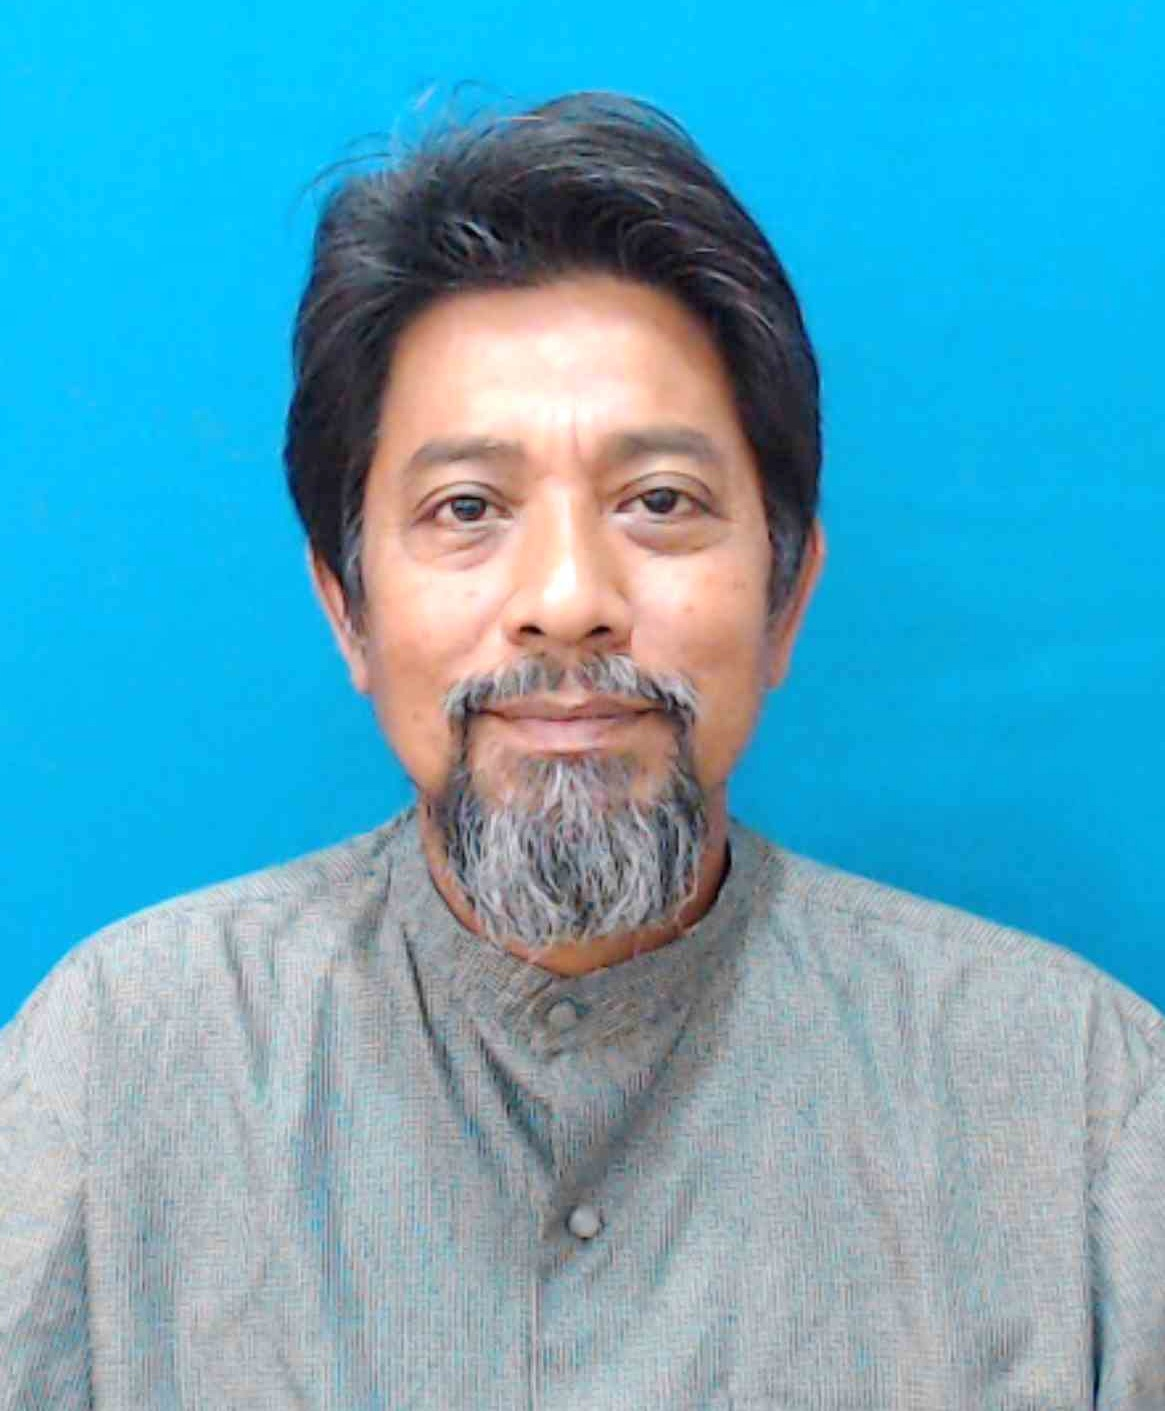 Mohamed Sufian Bin Mohd. Nawi